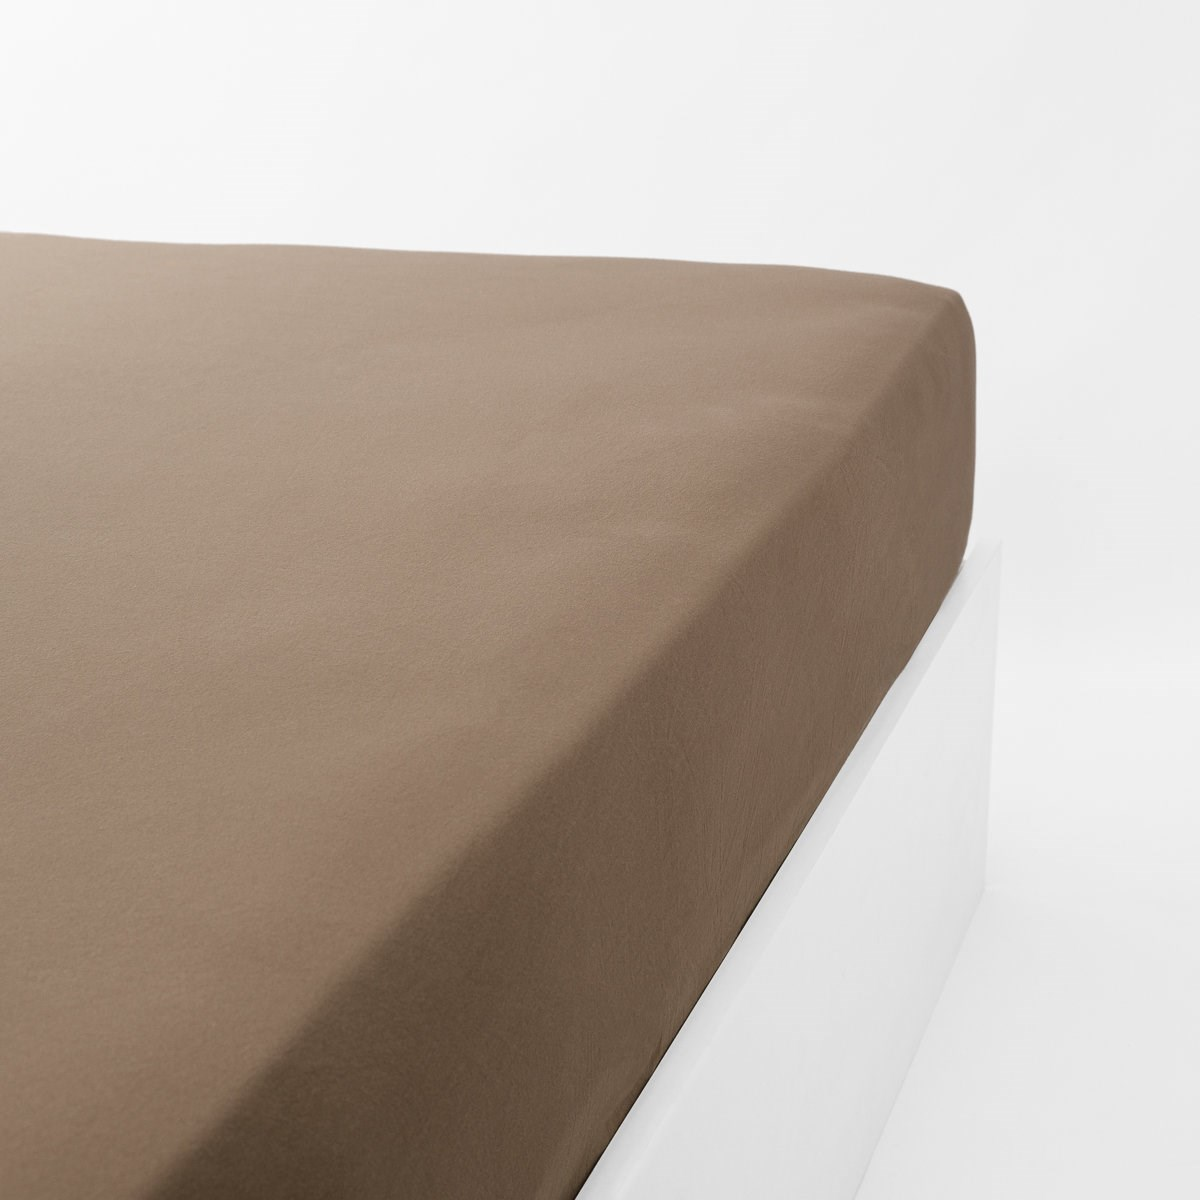 Drap housse jersey extensible en coton marron 120x200 cm